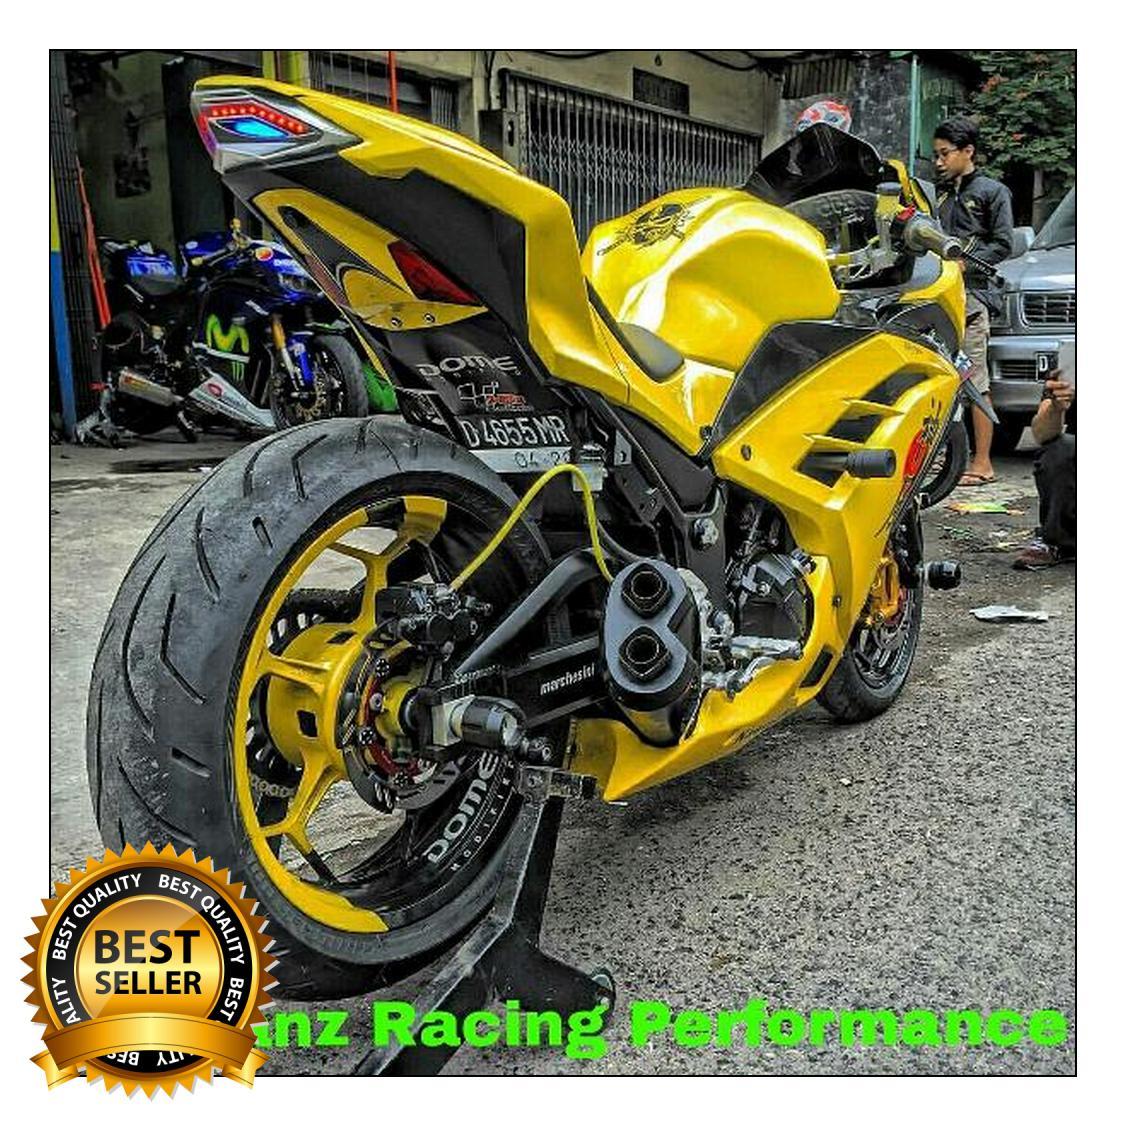 Kelebihan Knalpot Kawasaki Ninja 250fi R9 H2 Full System Terkini New Mugello Yamaha Byson 250 Fi